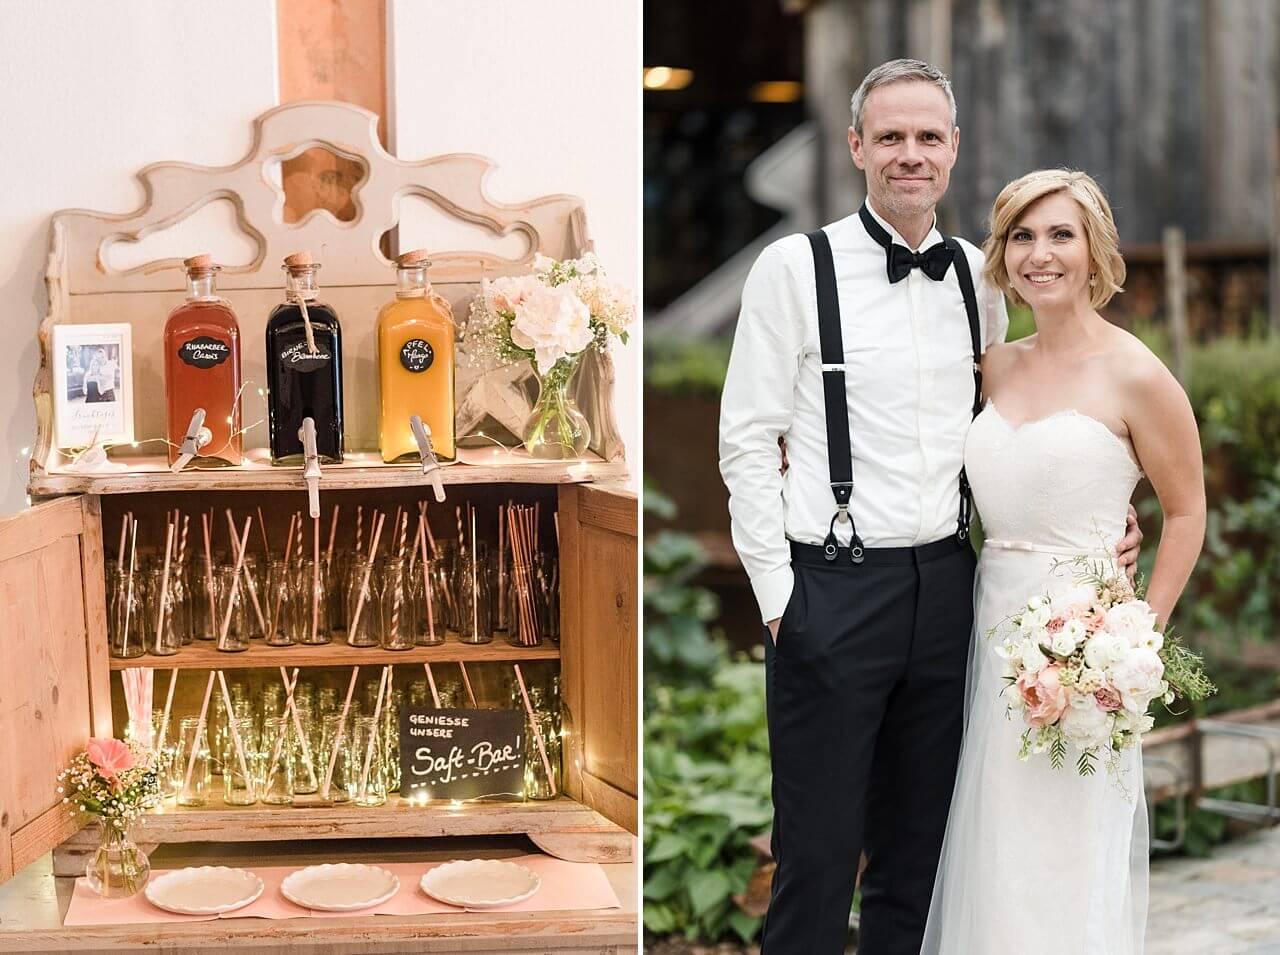 Rebecca Conte Fotografie: Traumhafte Hochzeit Gourmet Berner 37